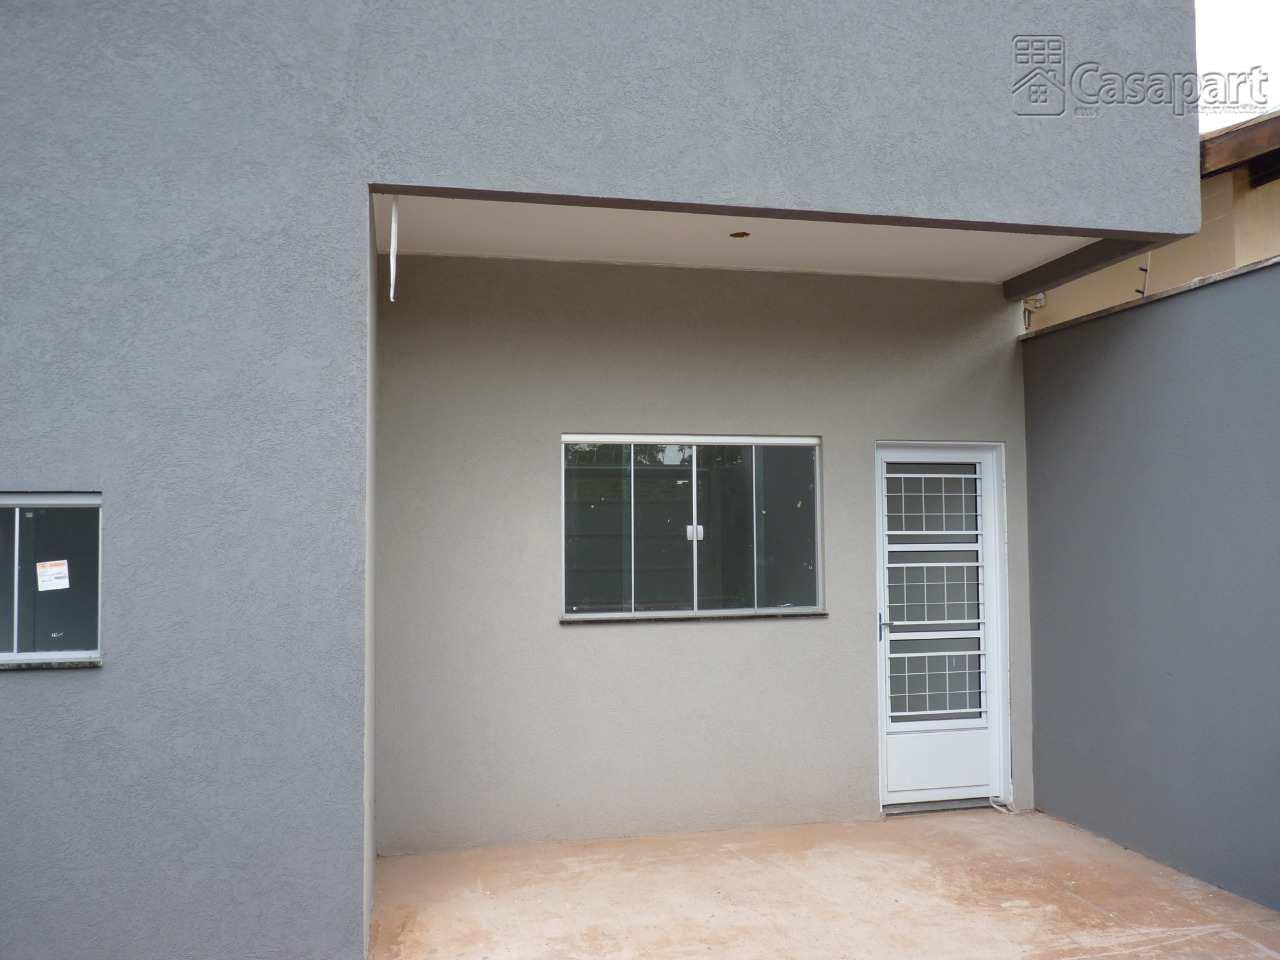 Casa com 3 dorms, Vila Nasser, Campo Grande - MS